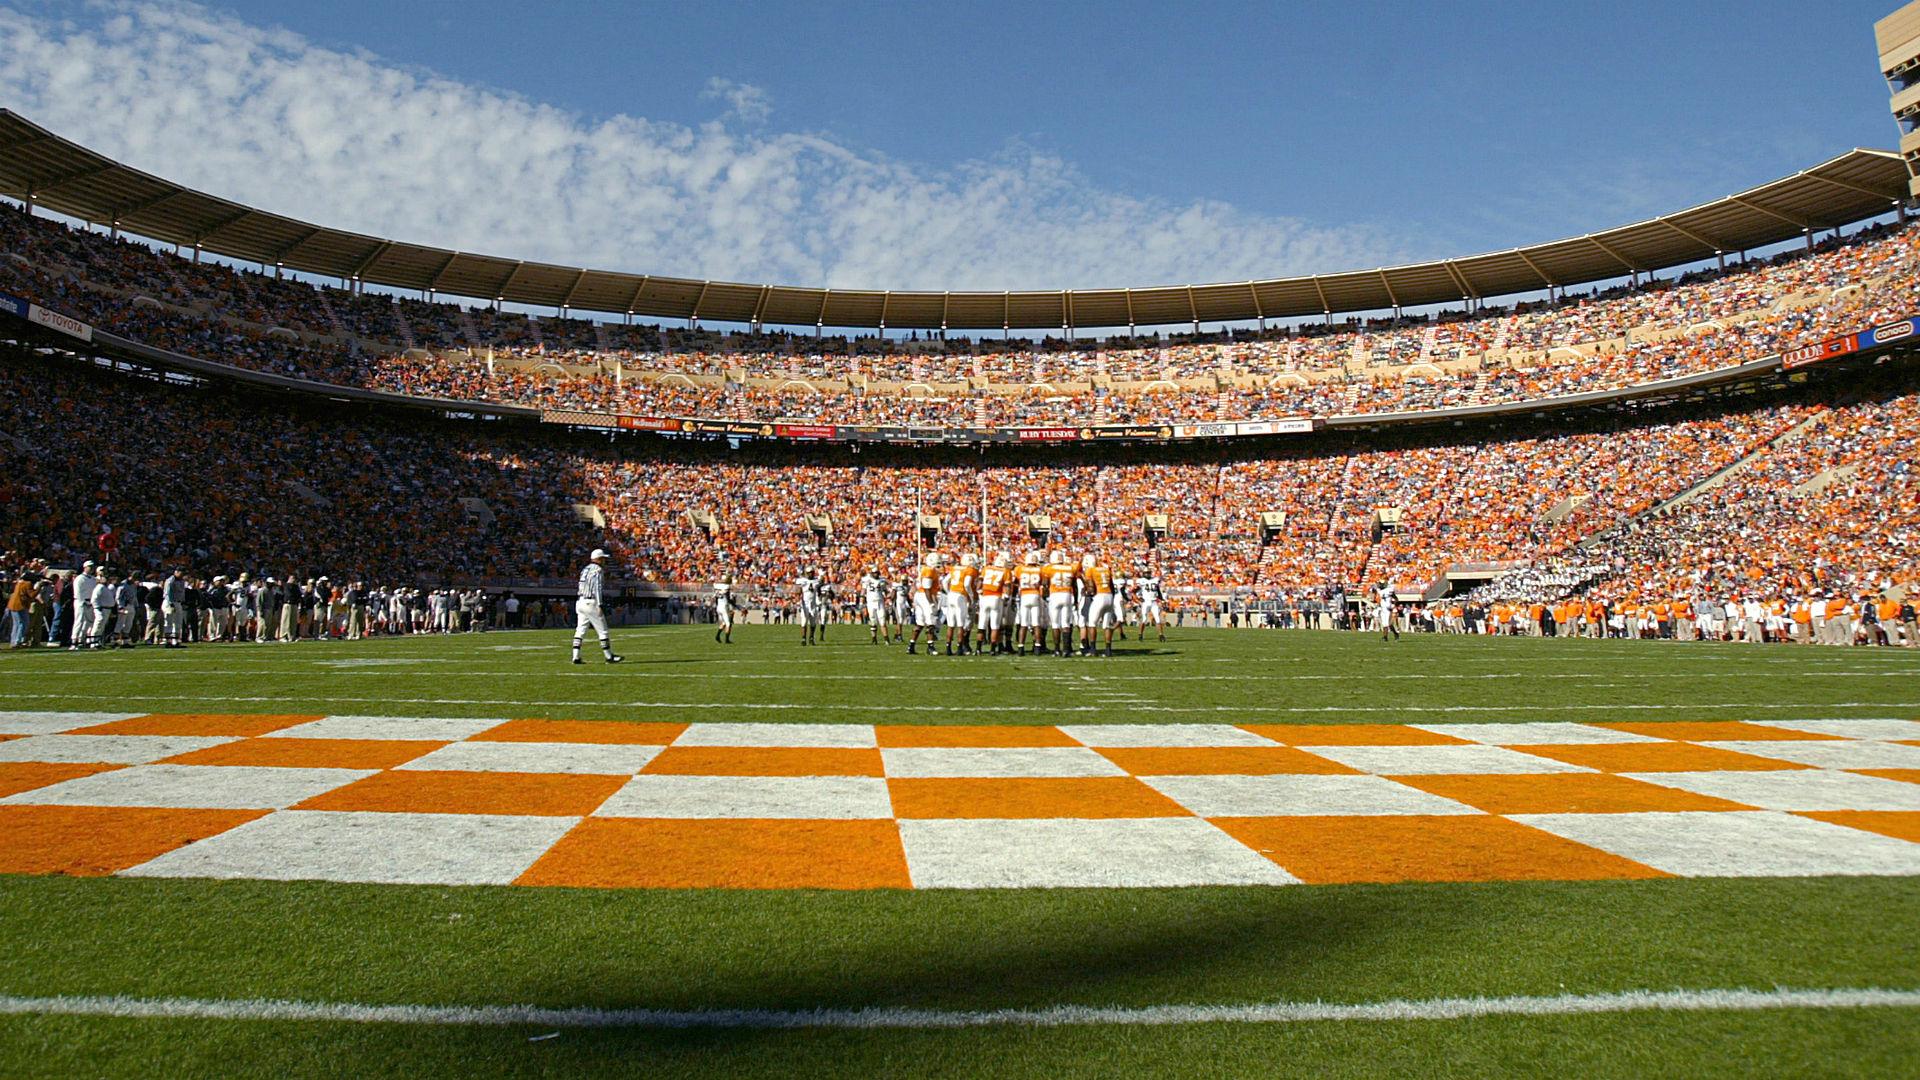 Tennessee fans start #FillNeyland campaign after Butch Jones firing